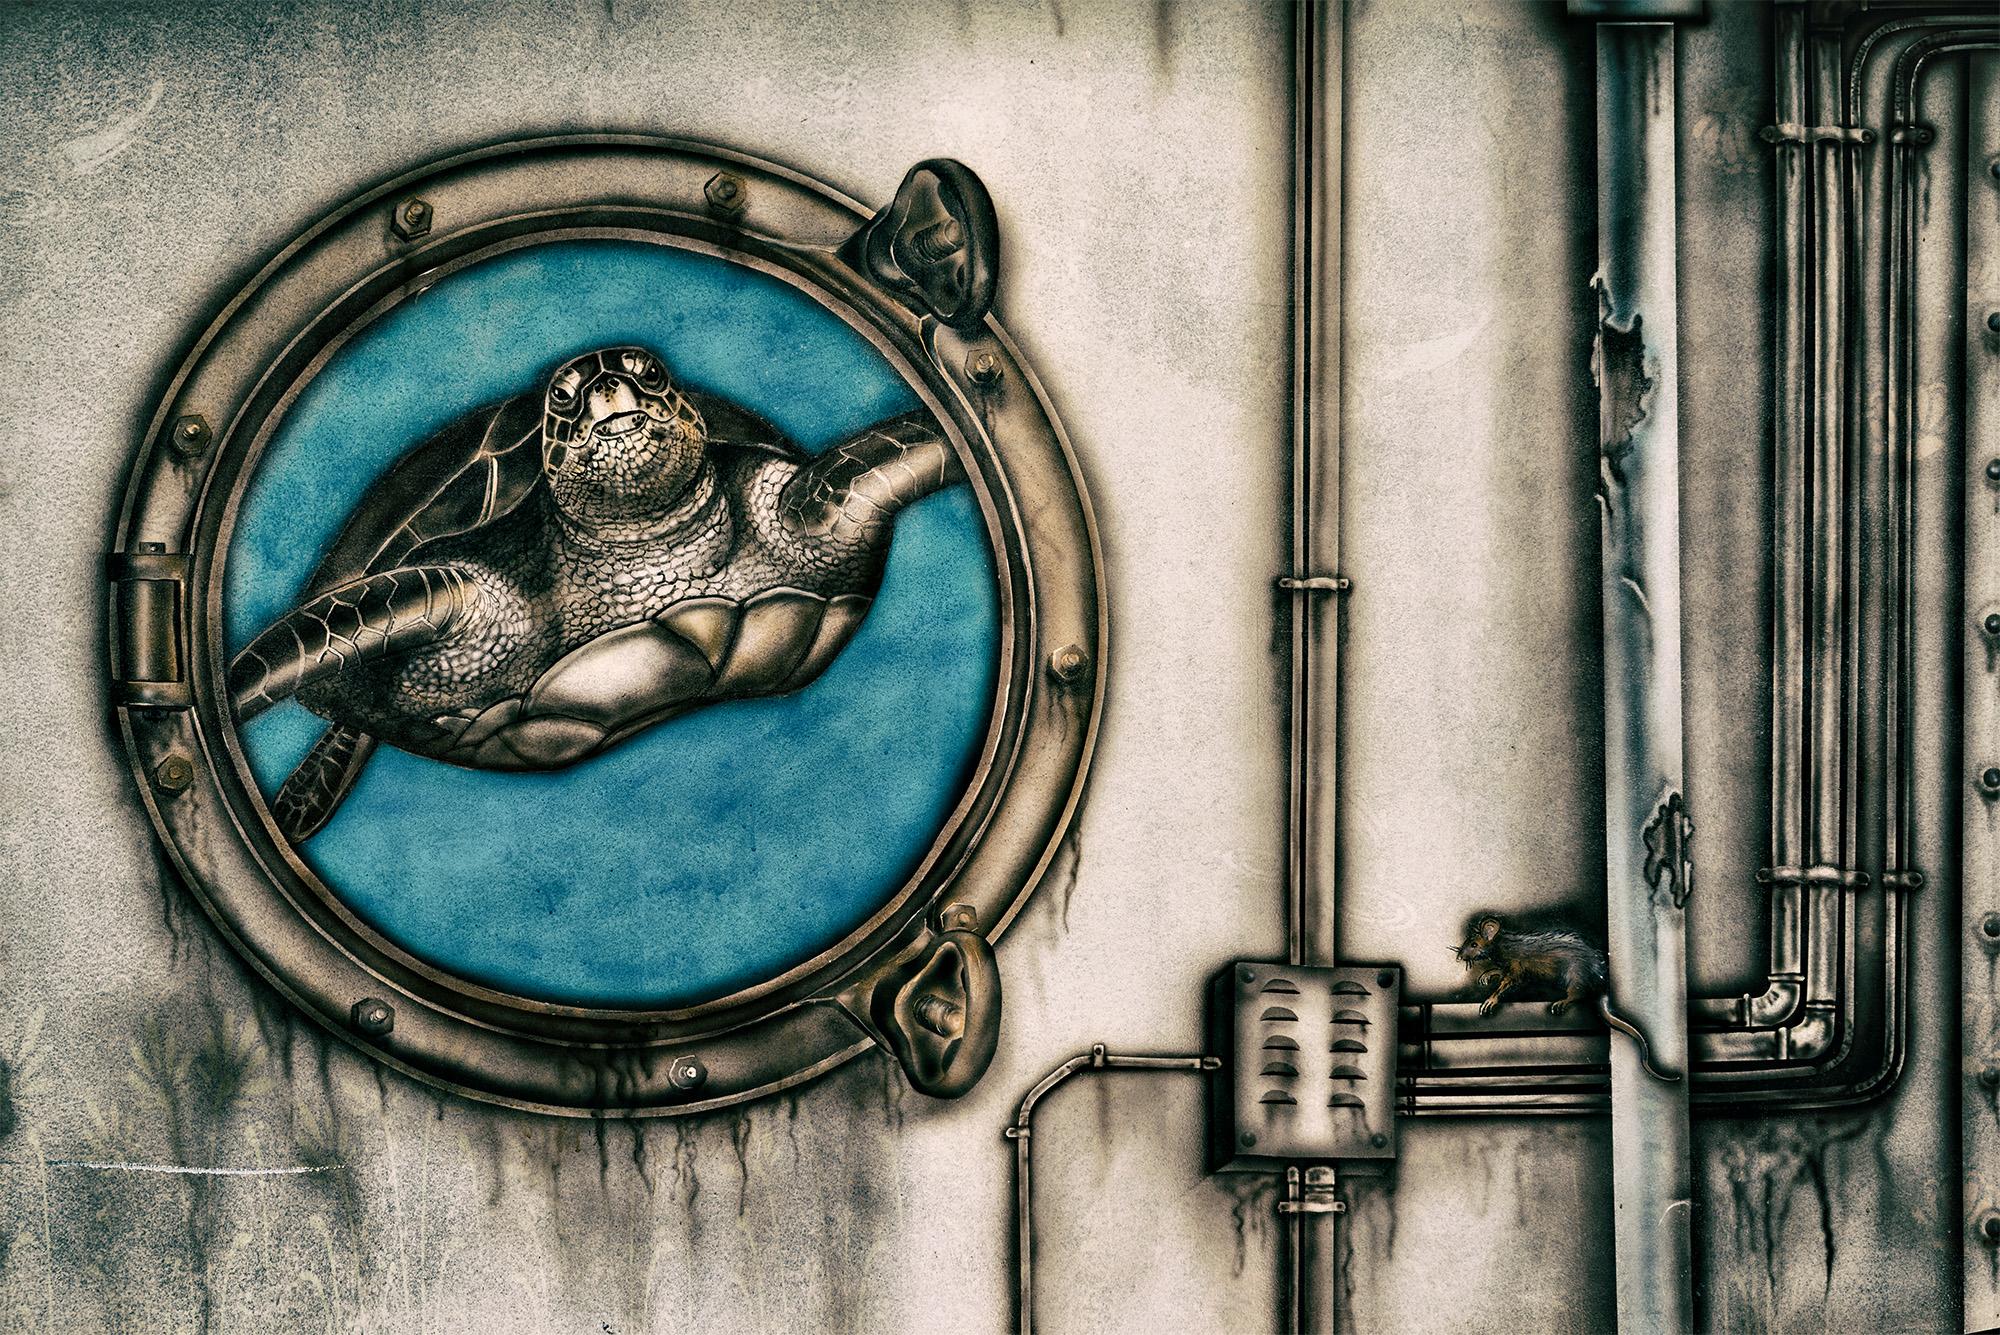 streetart - Aussicht im U-boot